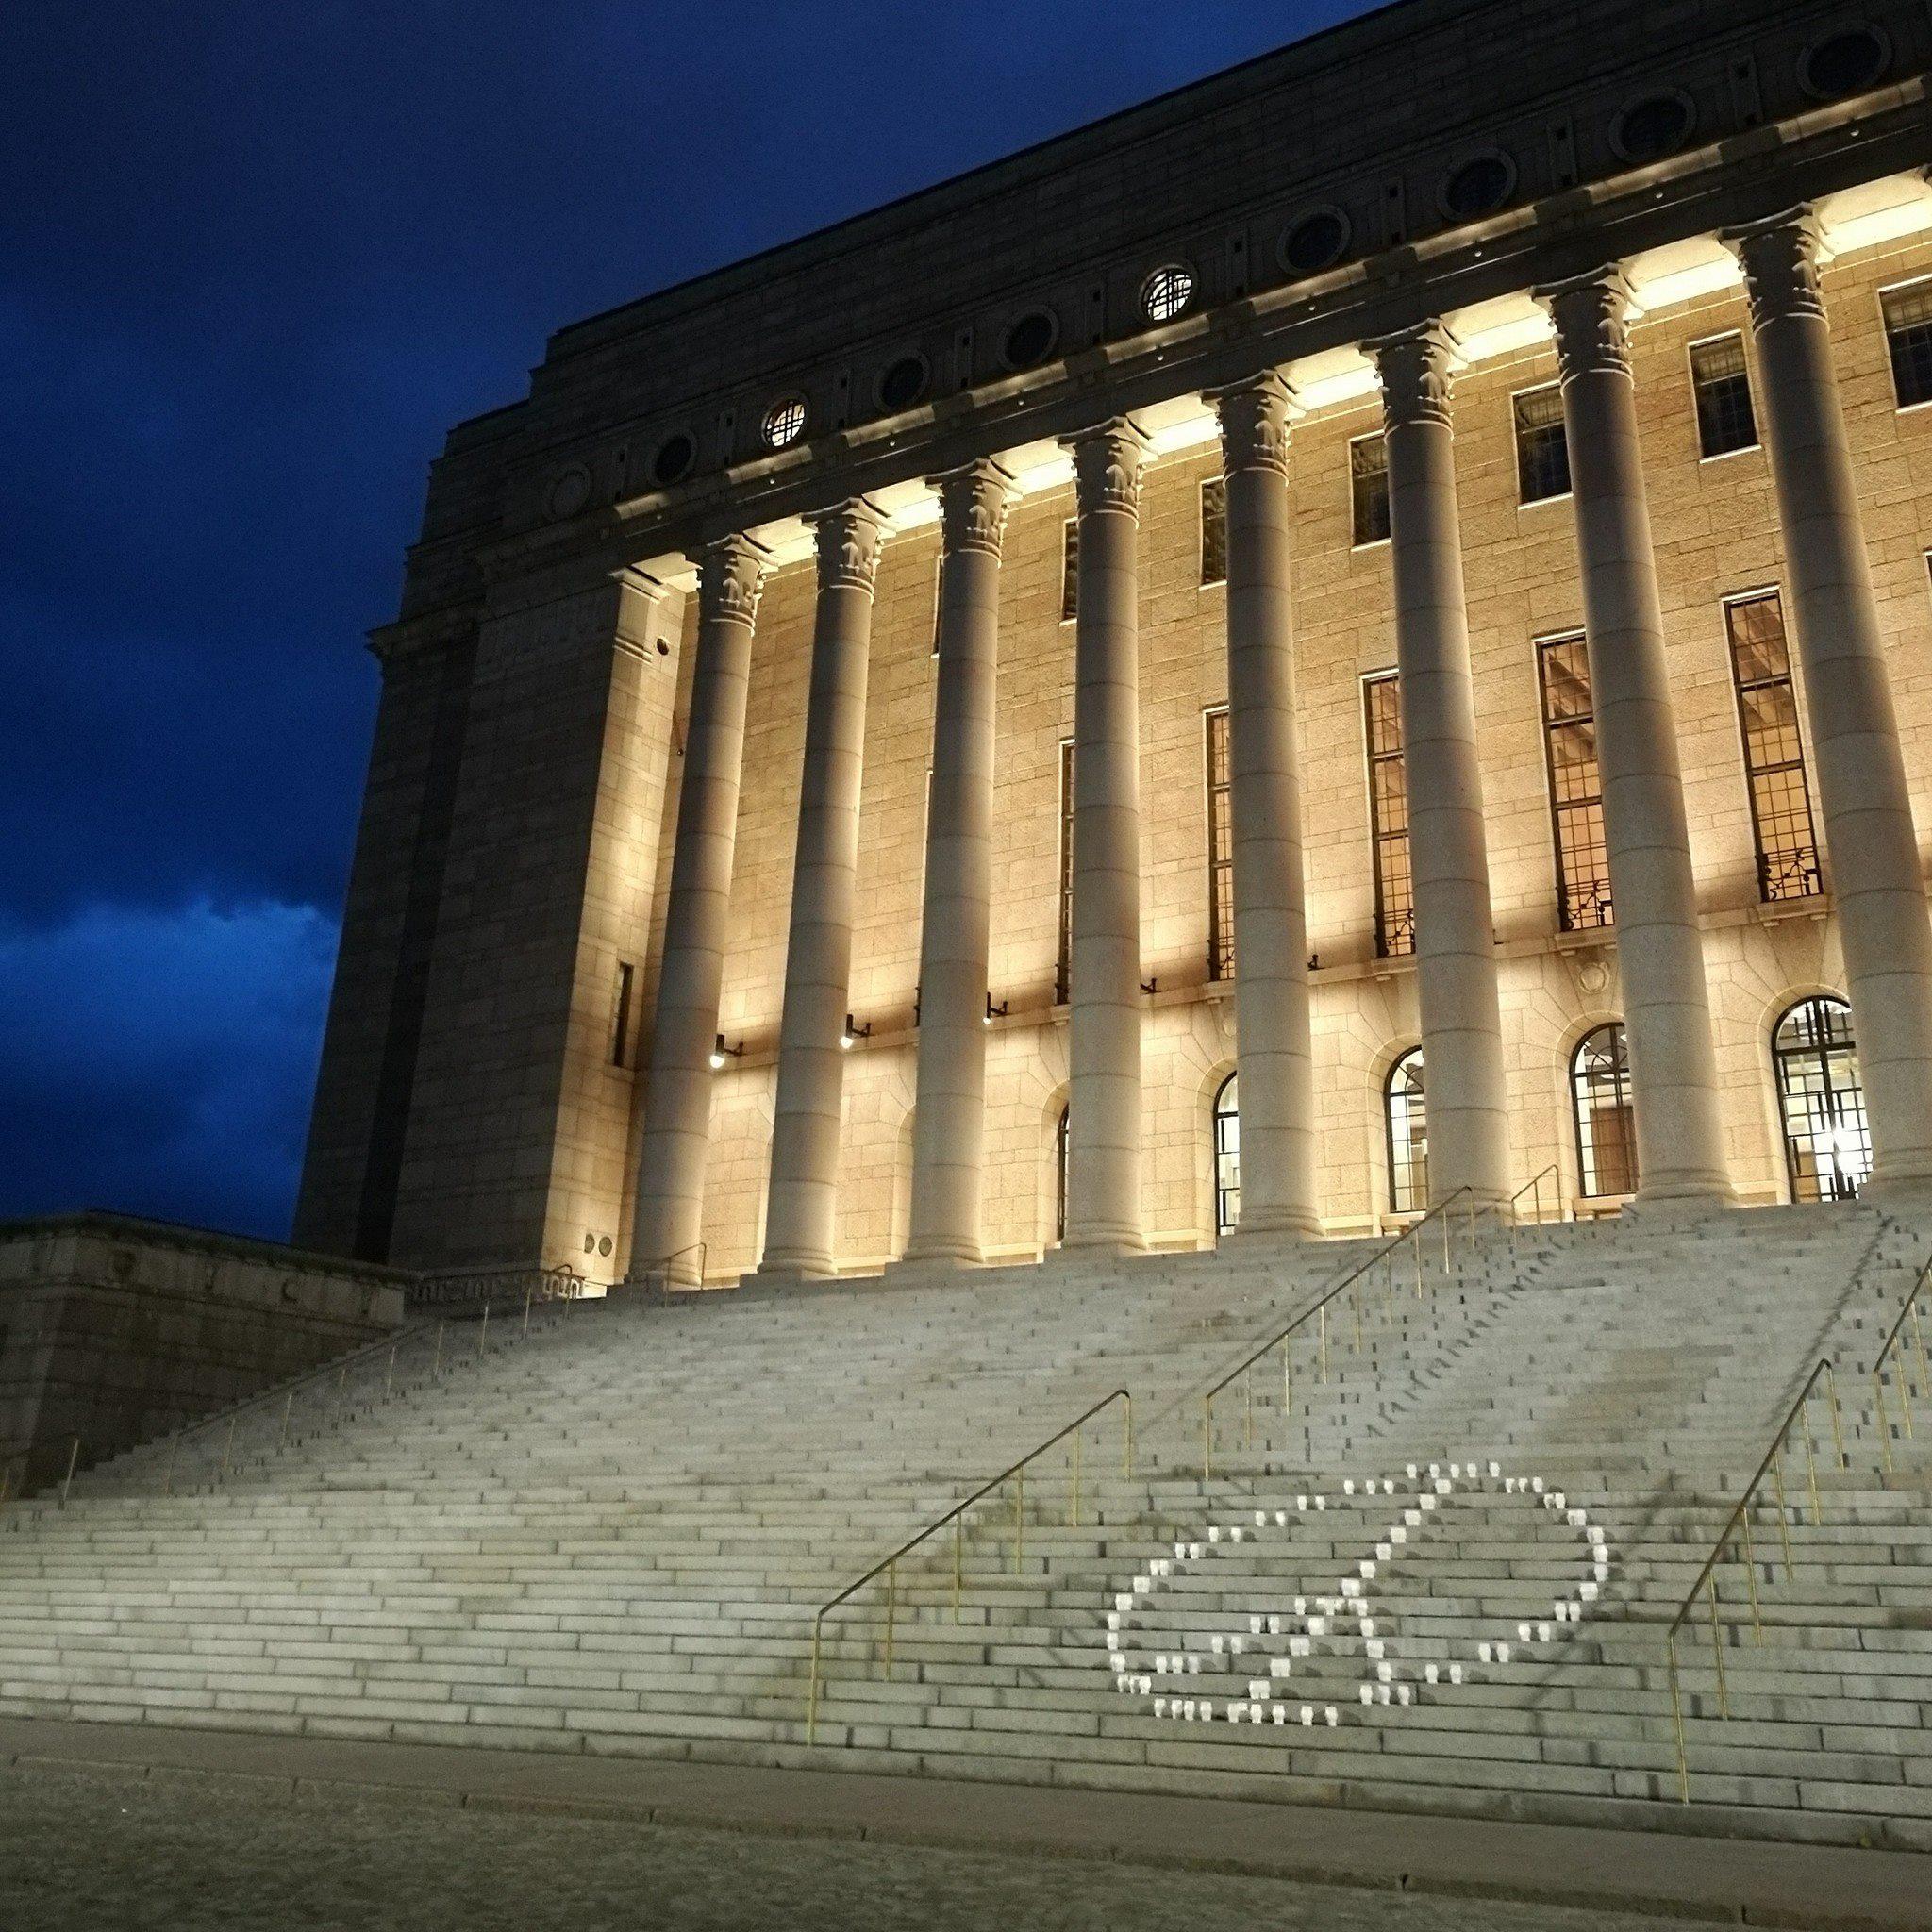 Rauhanliikkeen tavoitteet Suomen uudelle hallitukselle, Helsinki, Suomen sosiaalifoorumi